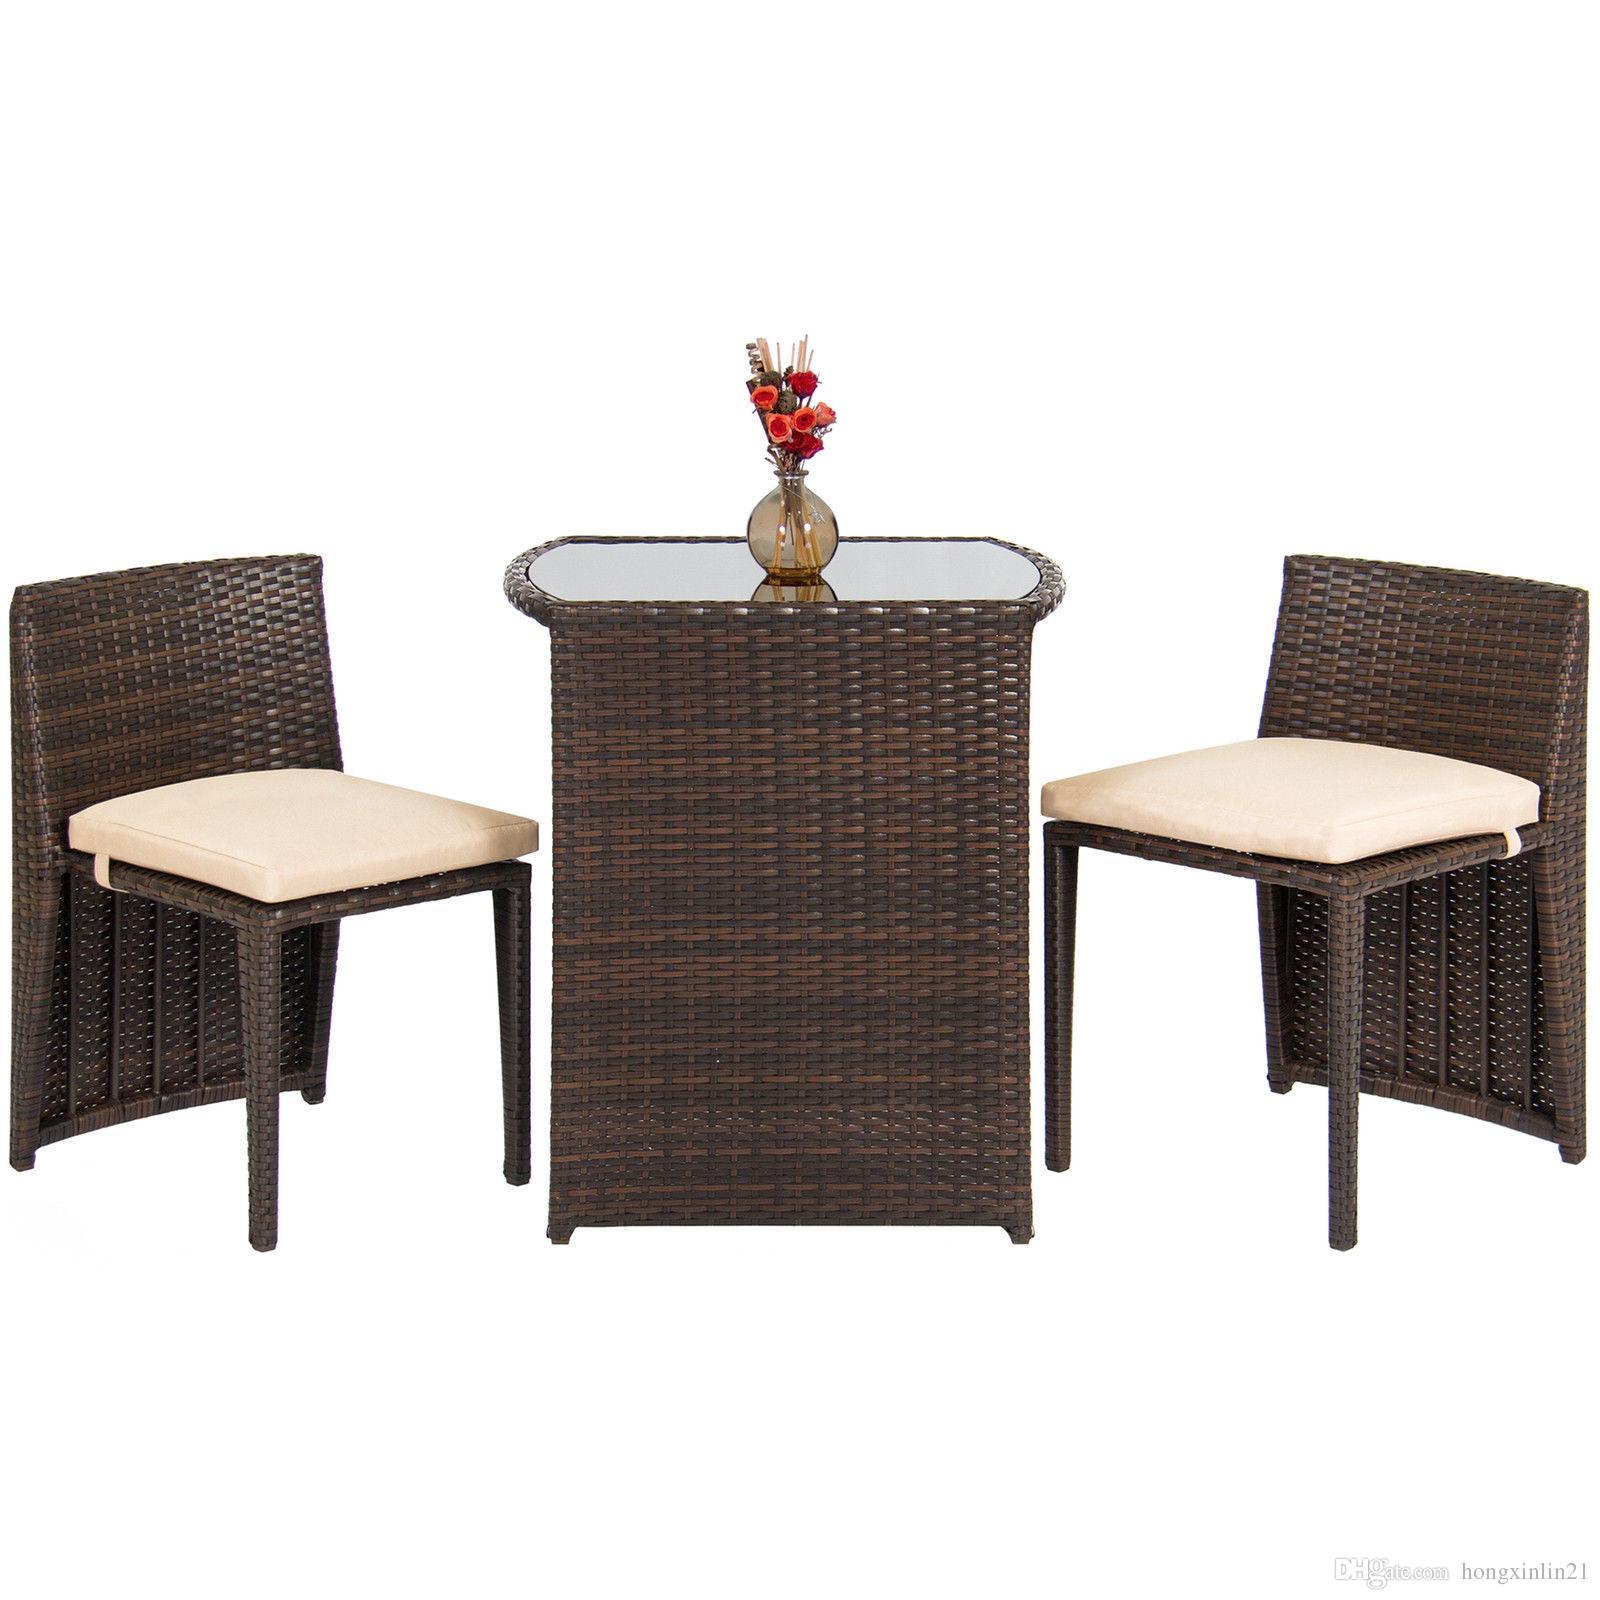 Großhandel Terrasse Möbel Wicker Bistro Set Glas Top Tisch 2 Stühle